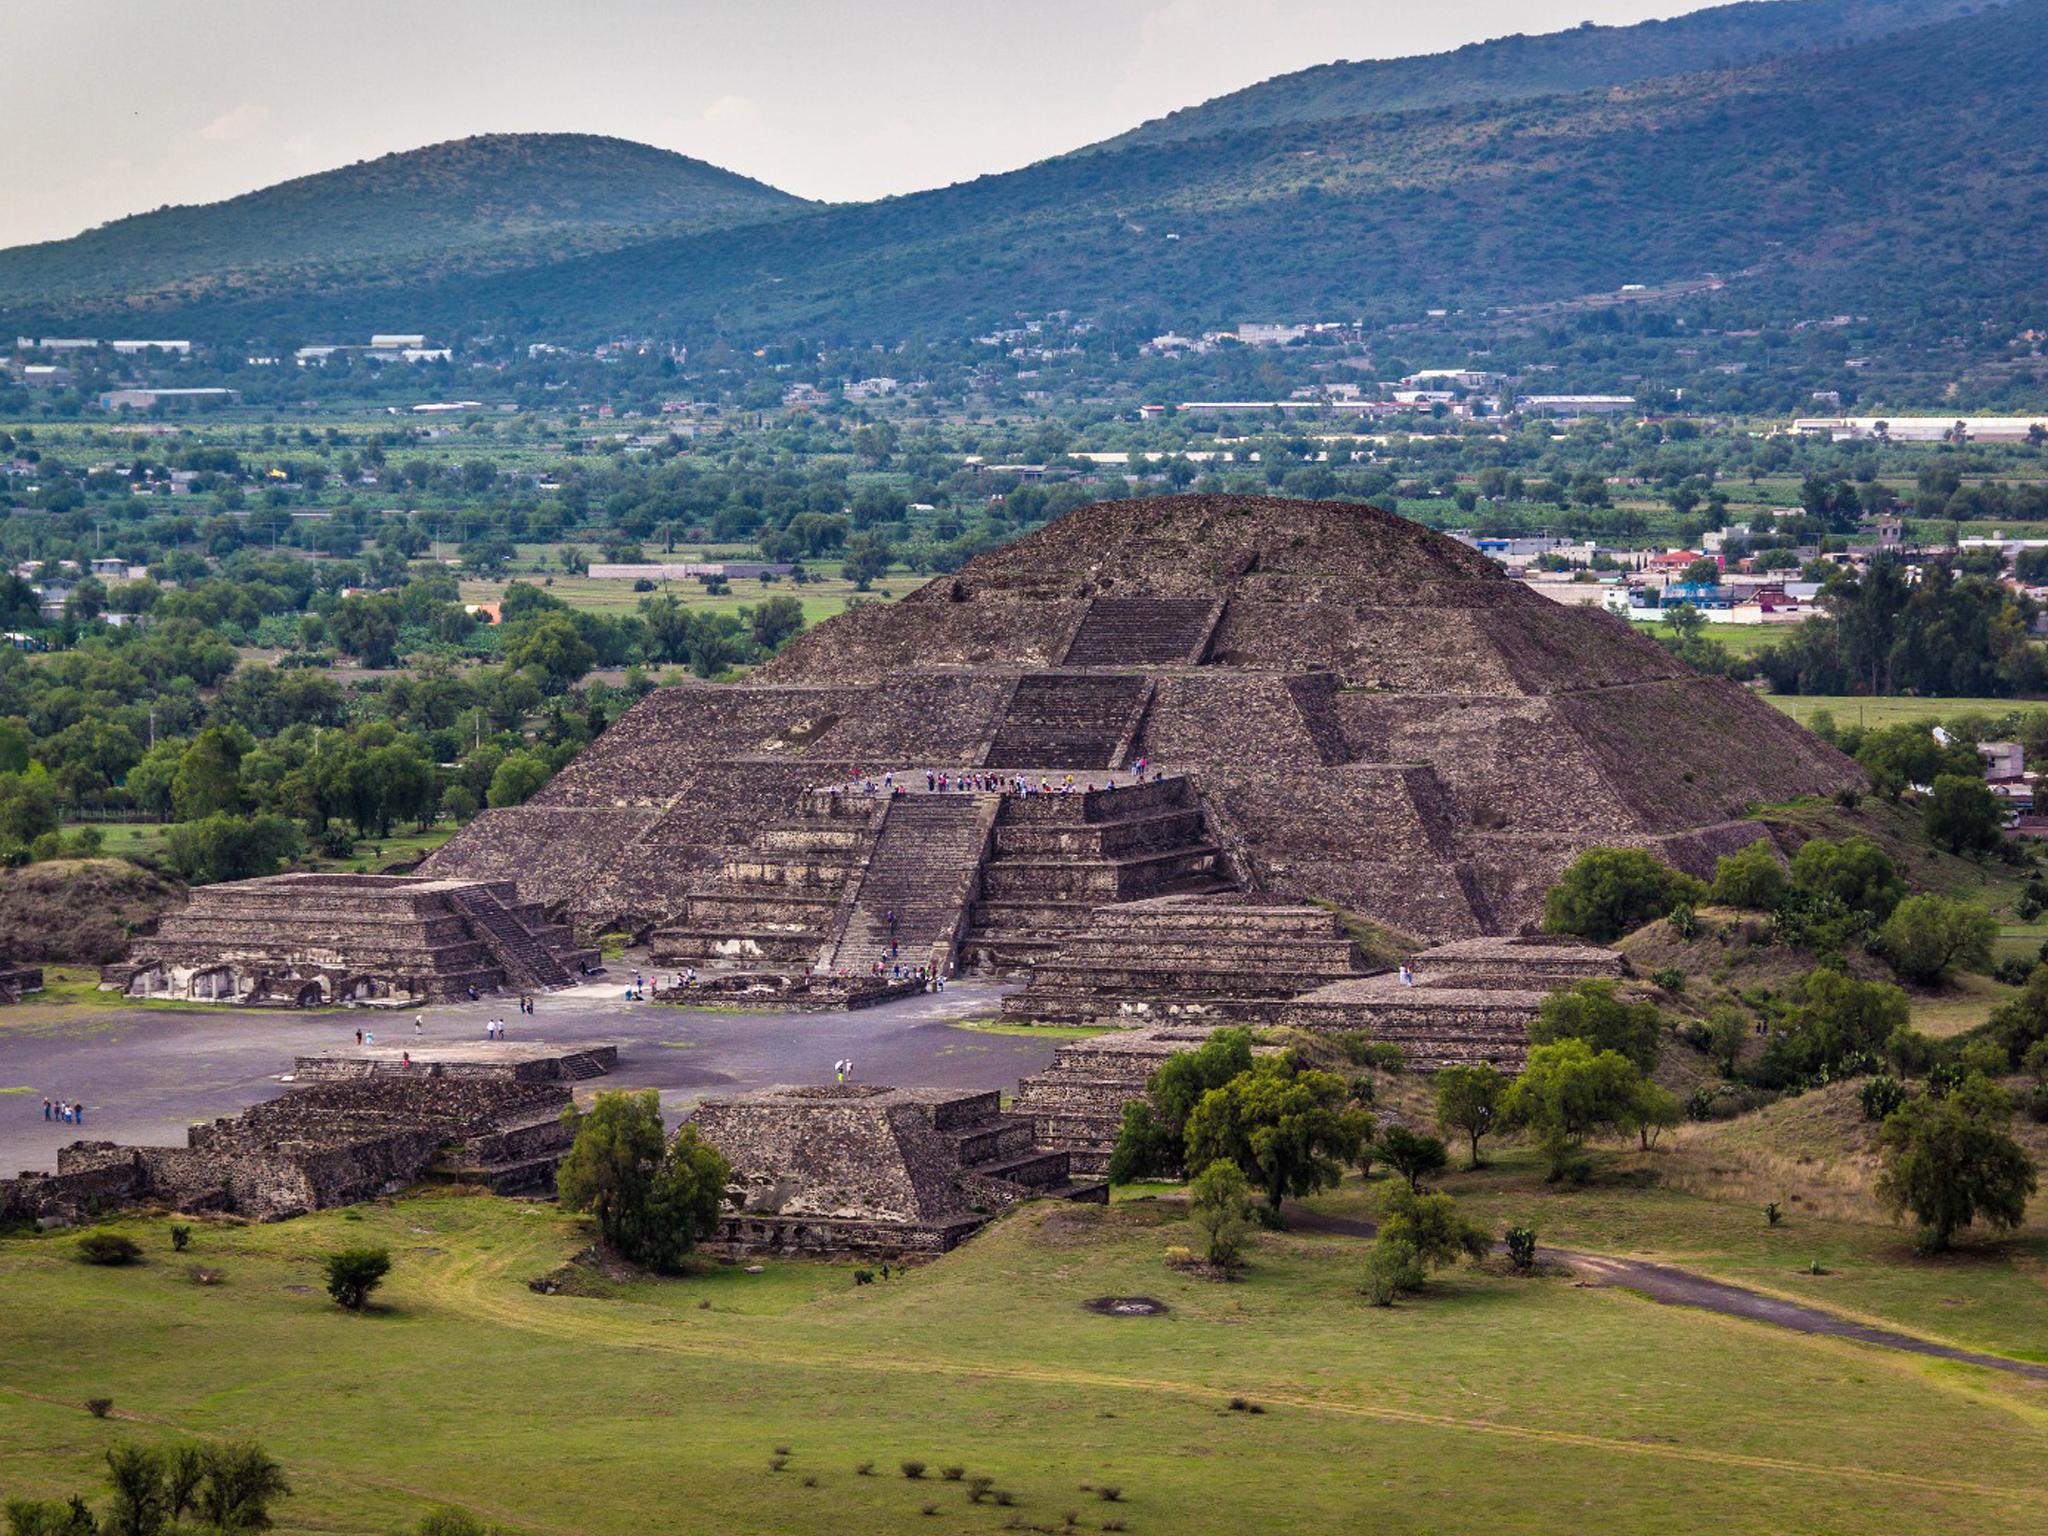 La Pirámide de la Luna en la Zona Arqueológica de Teotihuacán